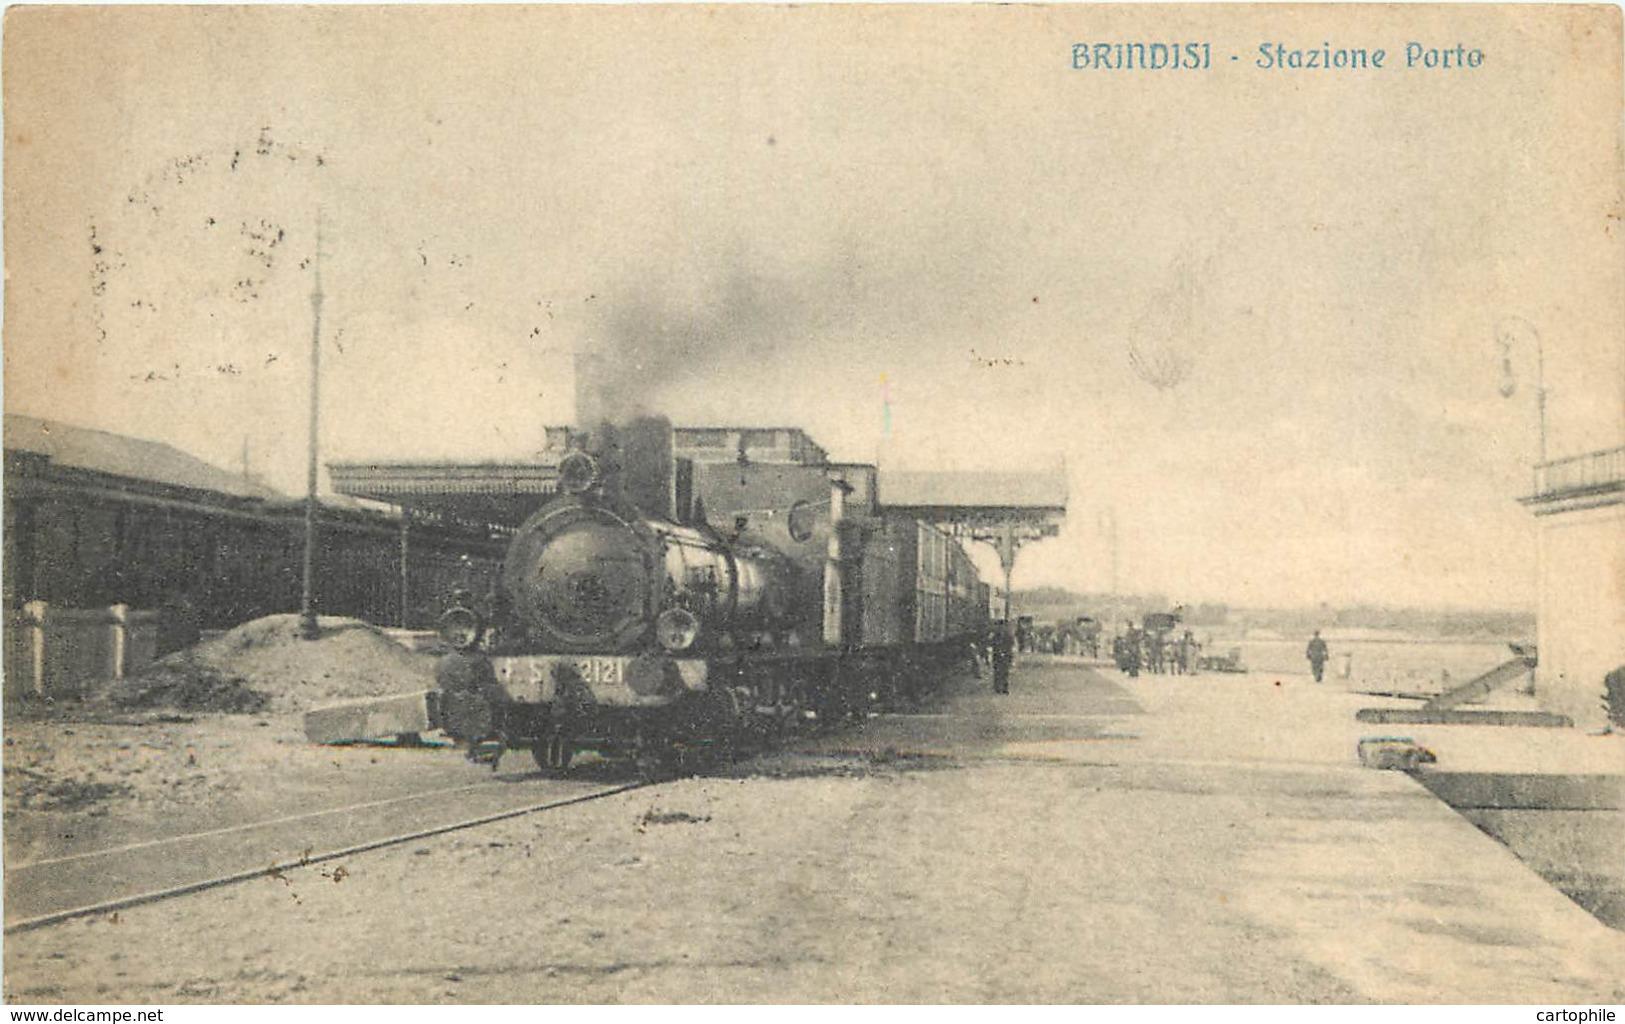 ITALIE - Brindisi - Stazione Porto Nell 1918 - Treno In Primo Piano - Brindisi